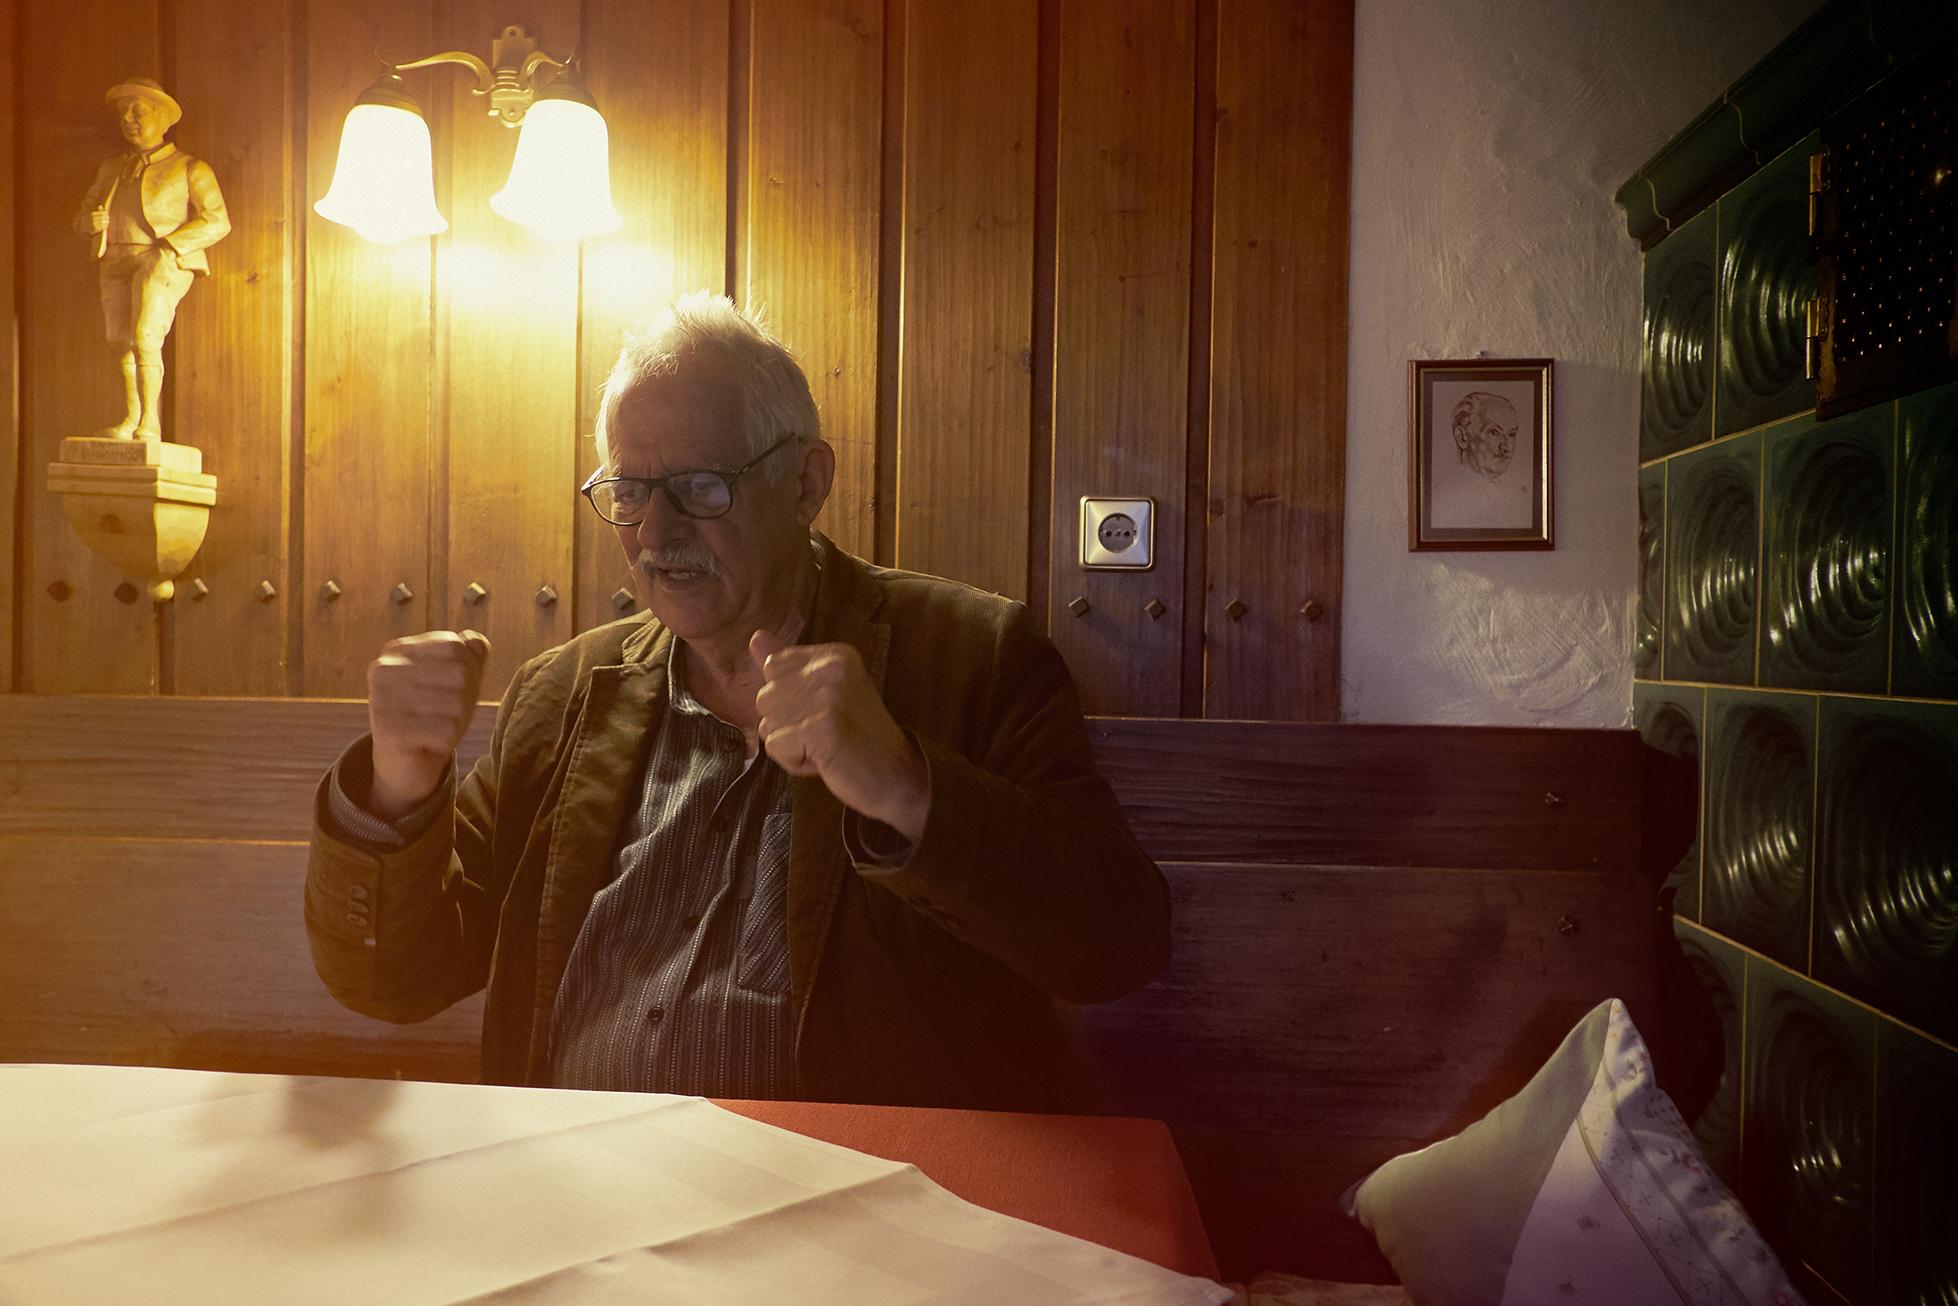 Schriftsteller Hansjörg Schneider spricht über seinen neunten Hunkeler-Krimi – und damit auch über seine eigenen Lebenserfahrungen.